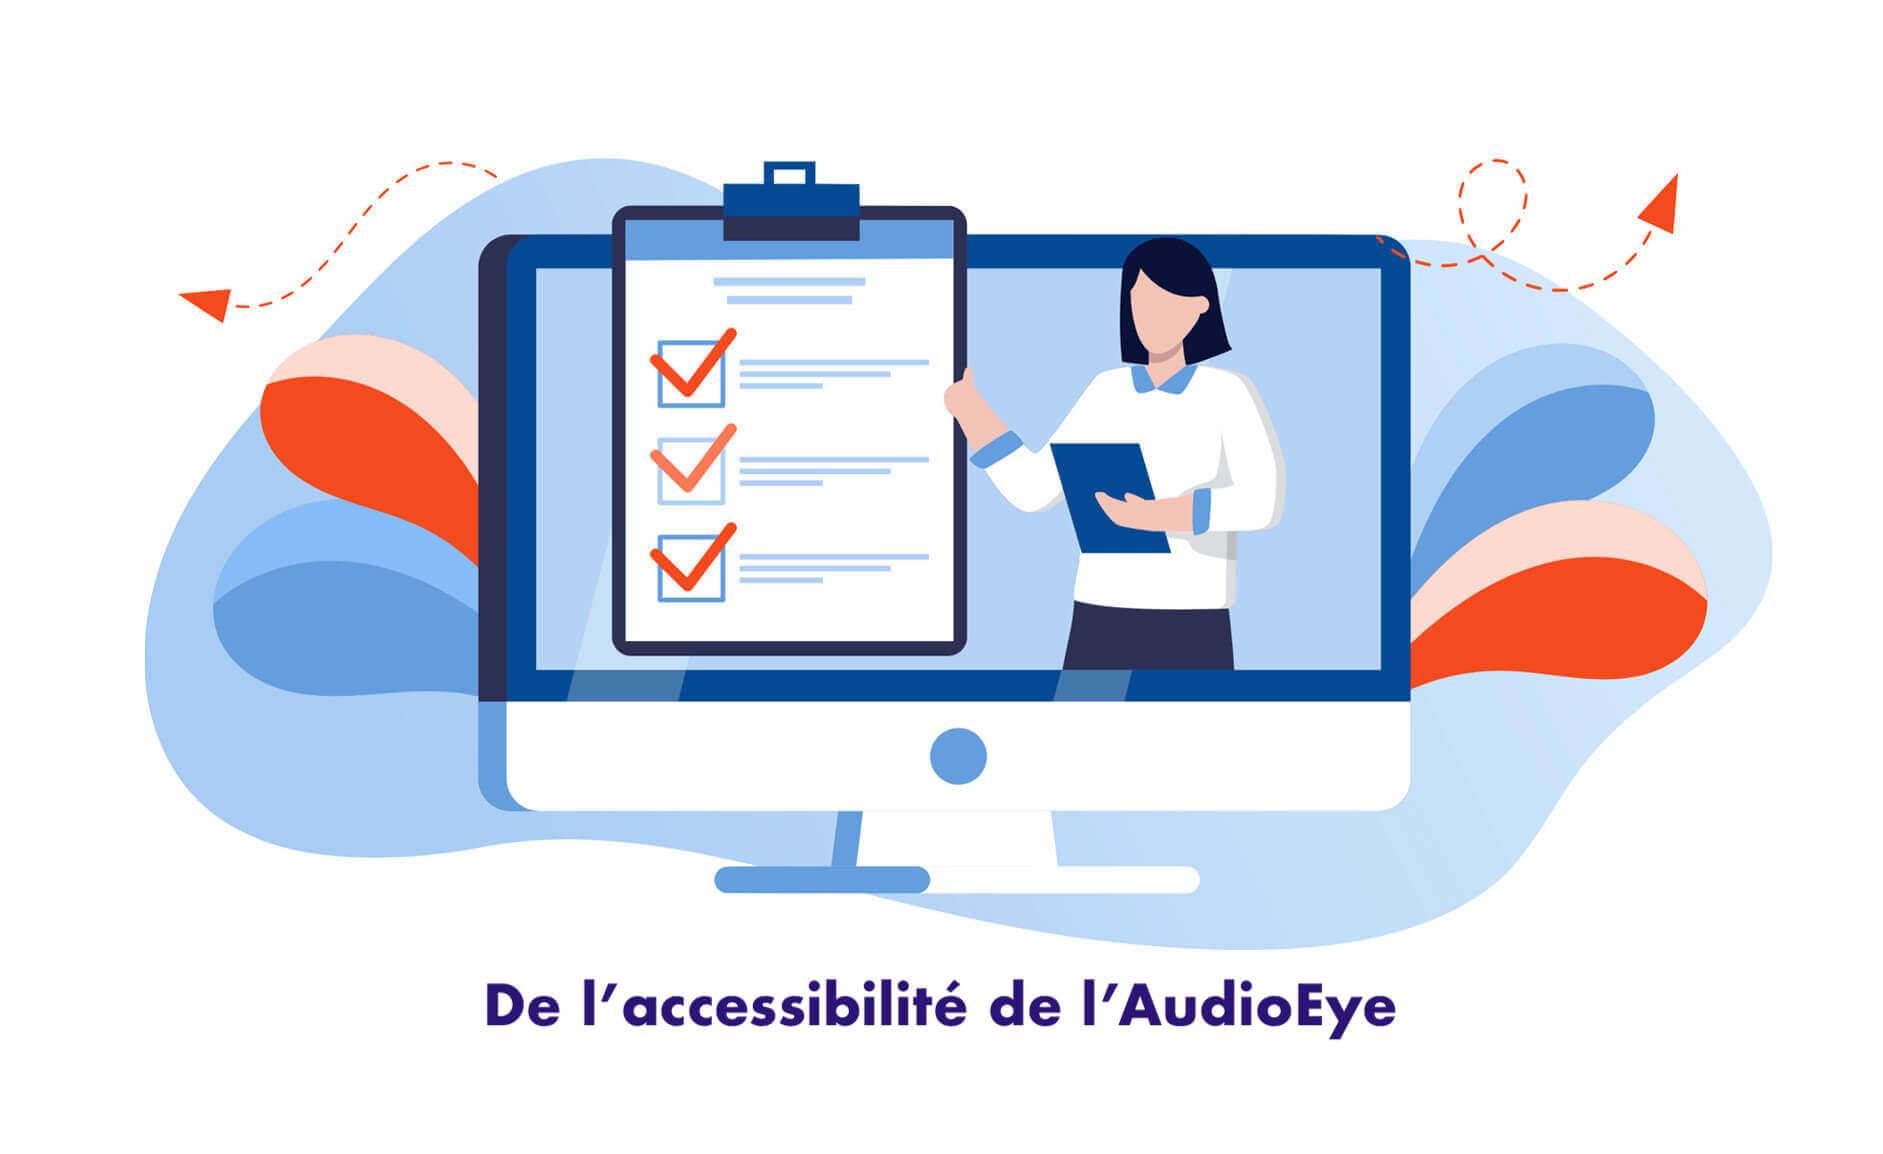 Rapport d'évaluation et de test de conformité de l'accessibilité de l'AudioEye